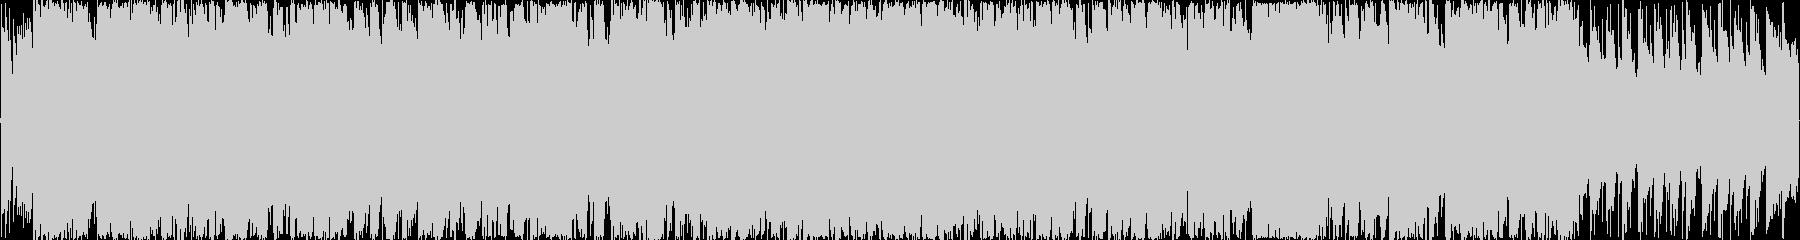 ポップなゲーム用ハイテンポテクノ ループの未再生の波形